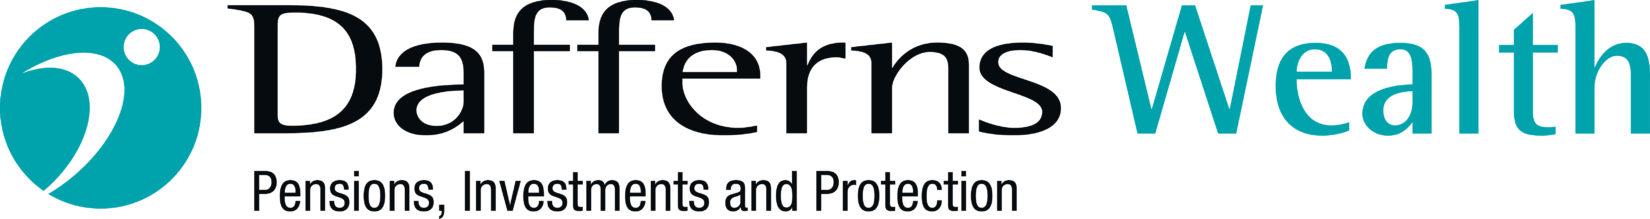 Dafferns-Wealth-Limited-Logo-NEW